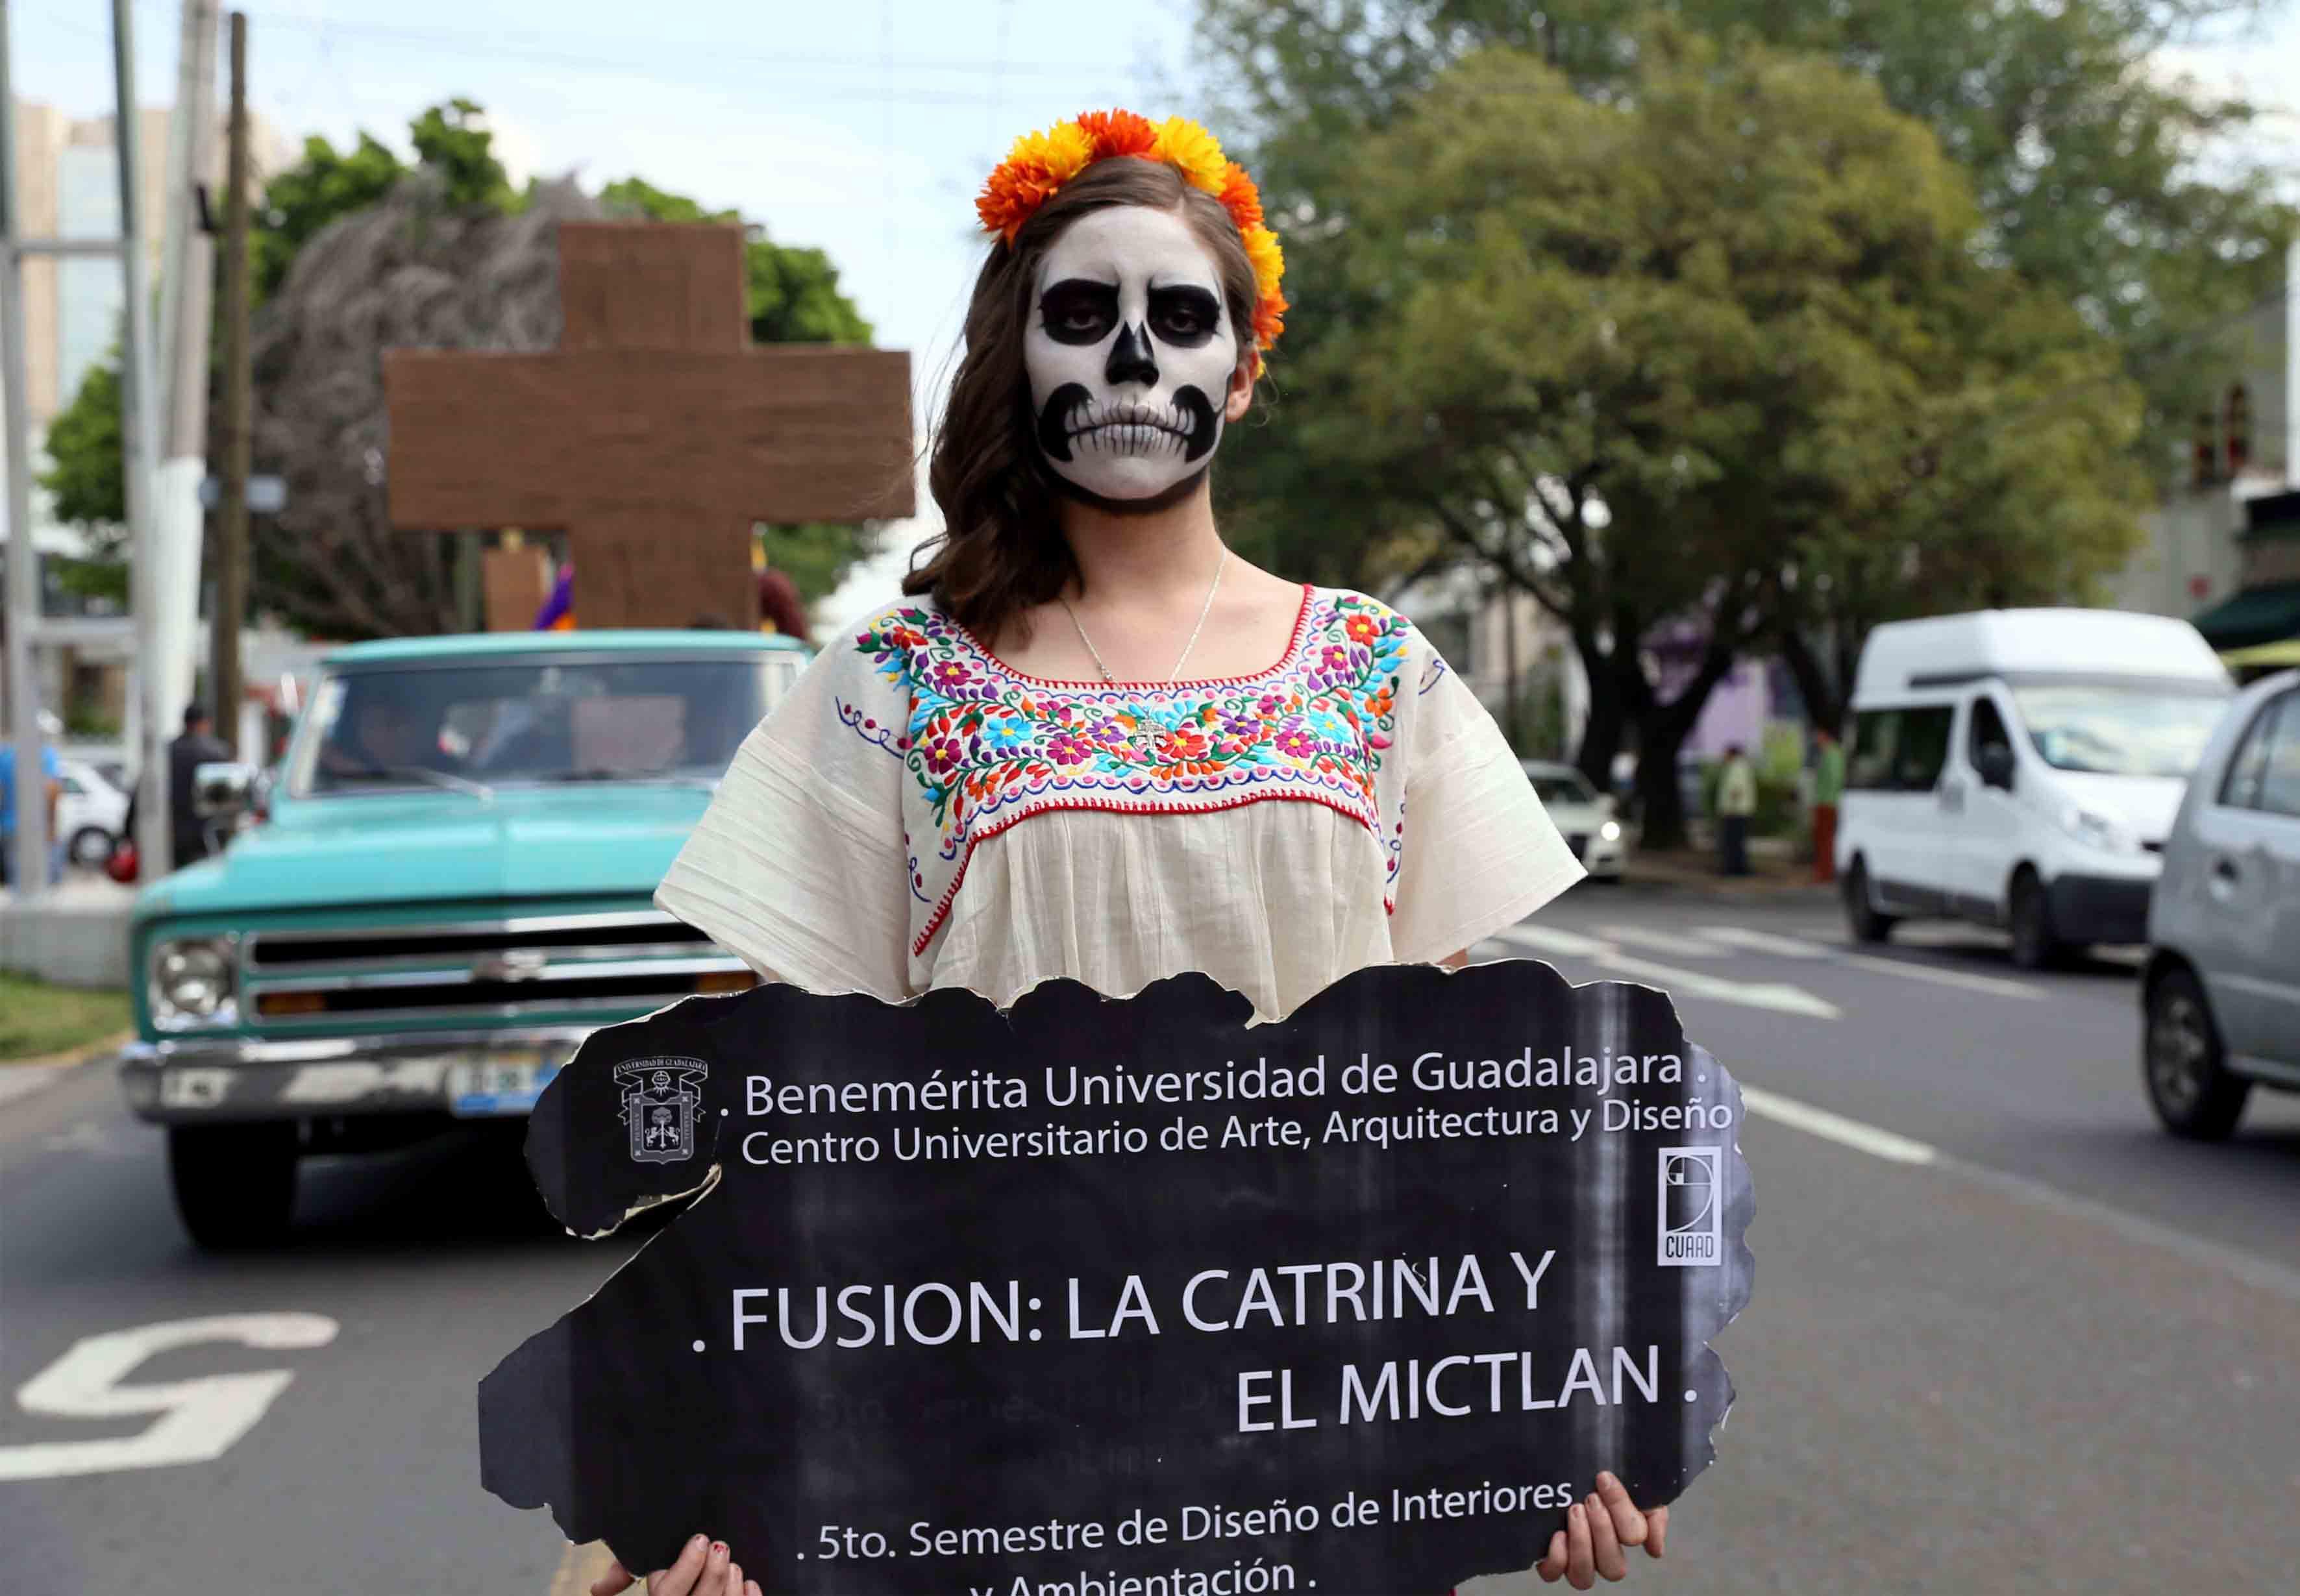 """Personificación de la muerte de una mujer cargando un letrero con la leyenda """"Fusión la catrina y el Mictlán"""" por parte de estudiante del CUAAD, durante desfile del Festival de la Muerte."""